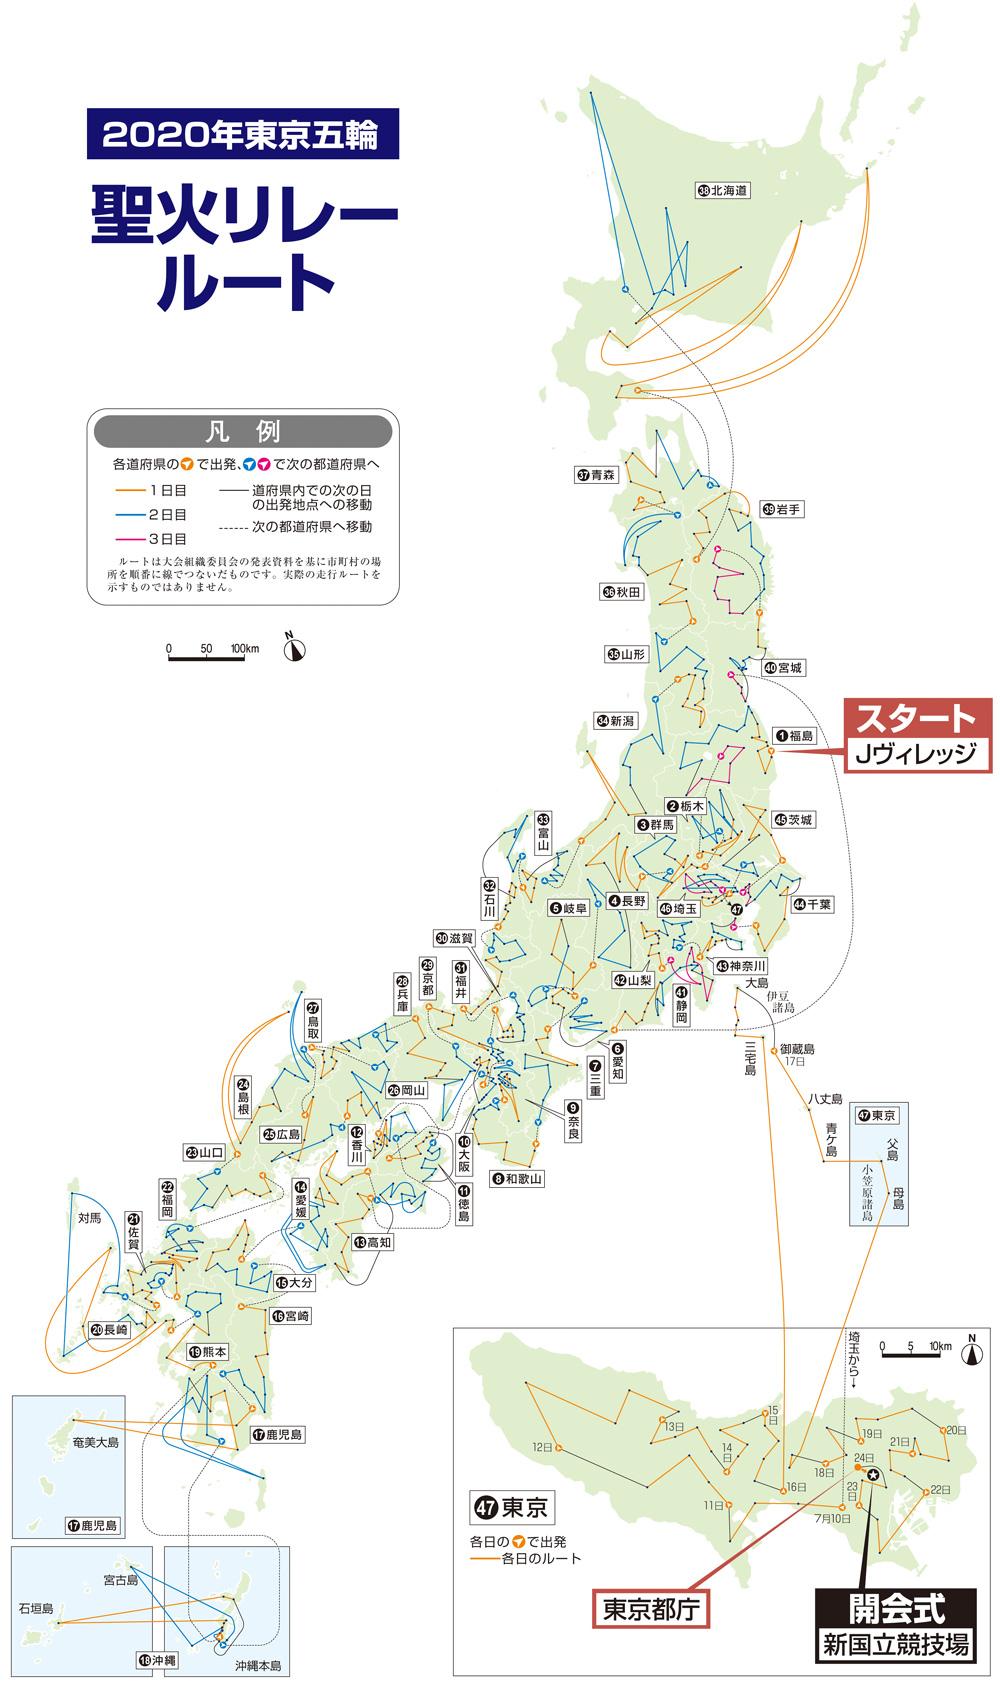 自治体マップ